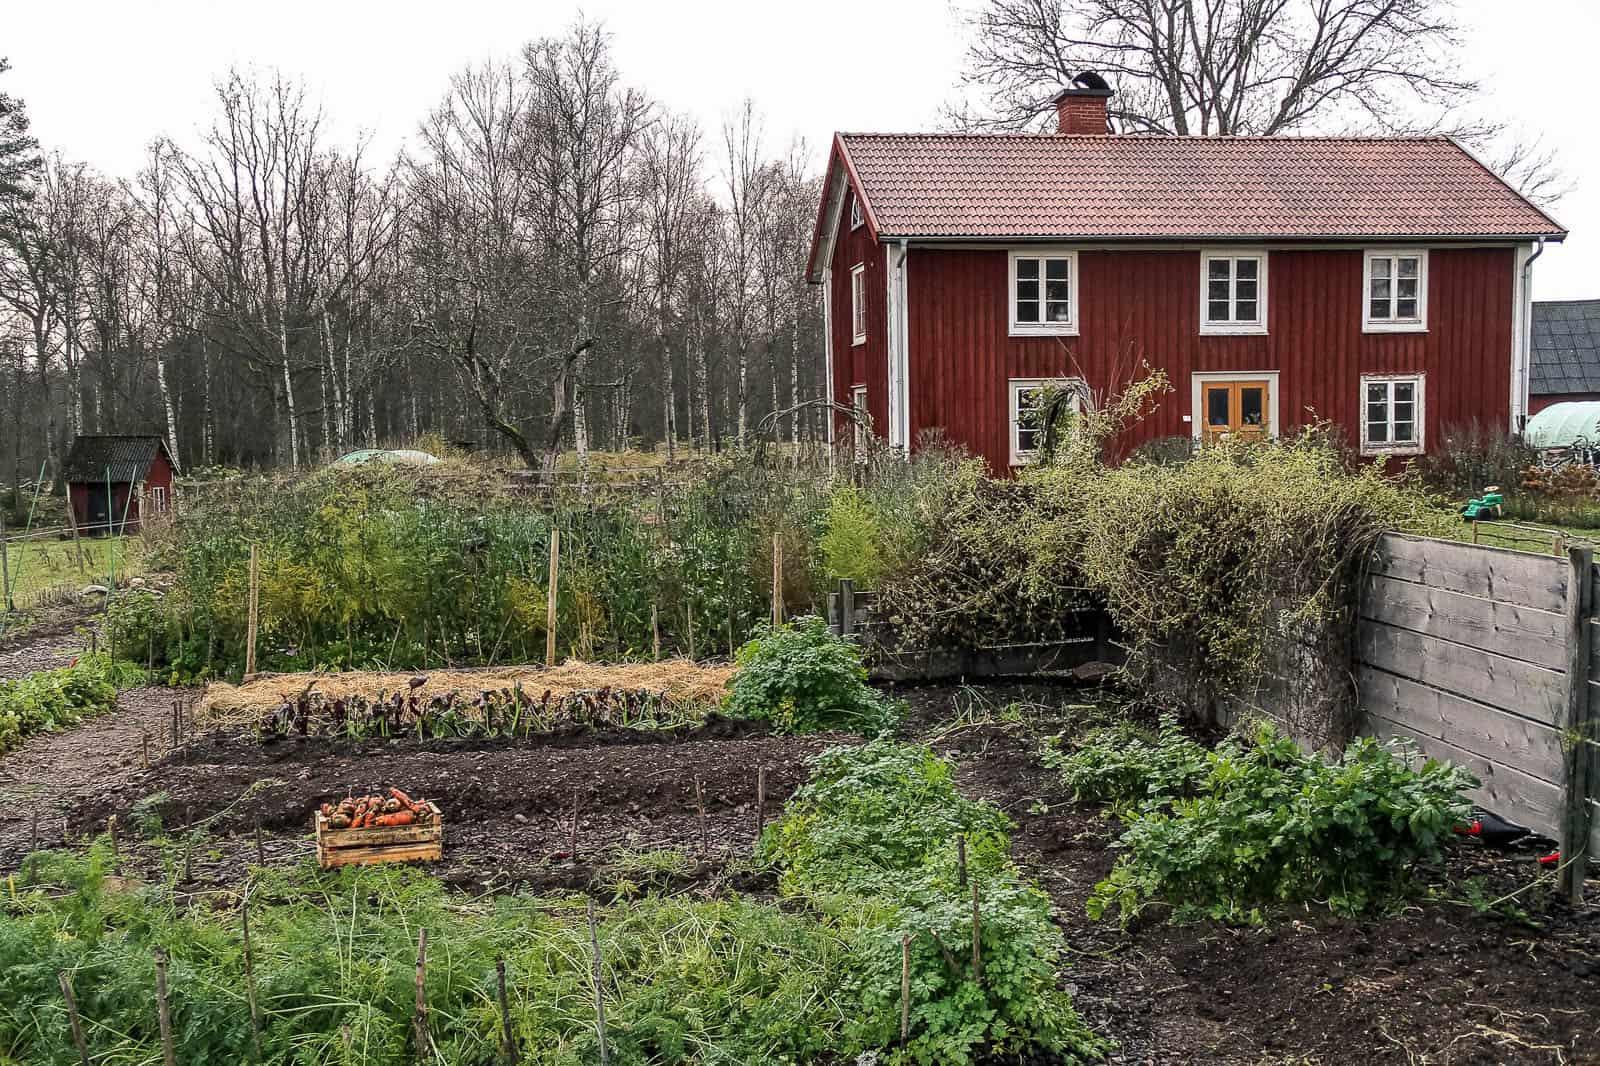 Med en flyktig blick skulle det här kunna vara hemma hos mig – men tittar man noga ser man att Sara Bäckmo har en annan nivå av organisation i grönsakslanden.